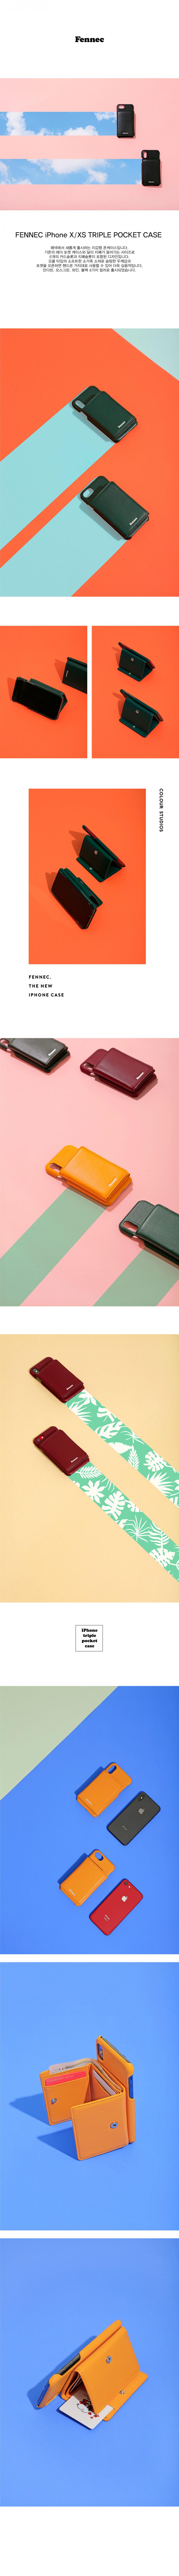 페넥(FENNEC) LEATHER iPHONE X/XS TRIPLE POCKET CASE - WINE